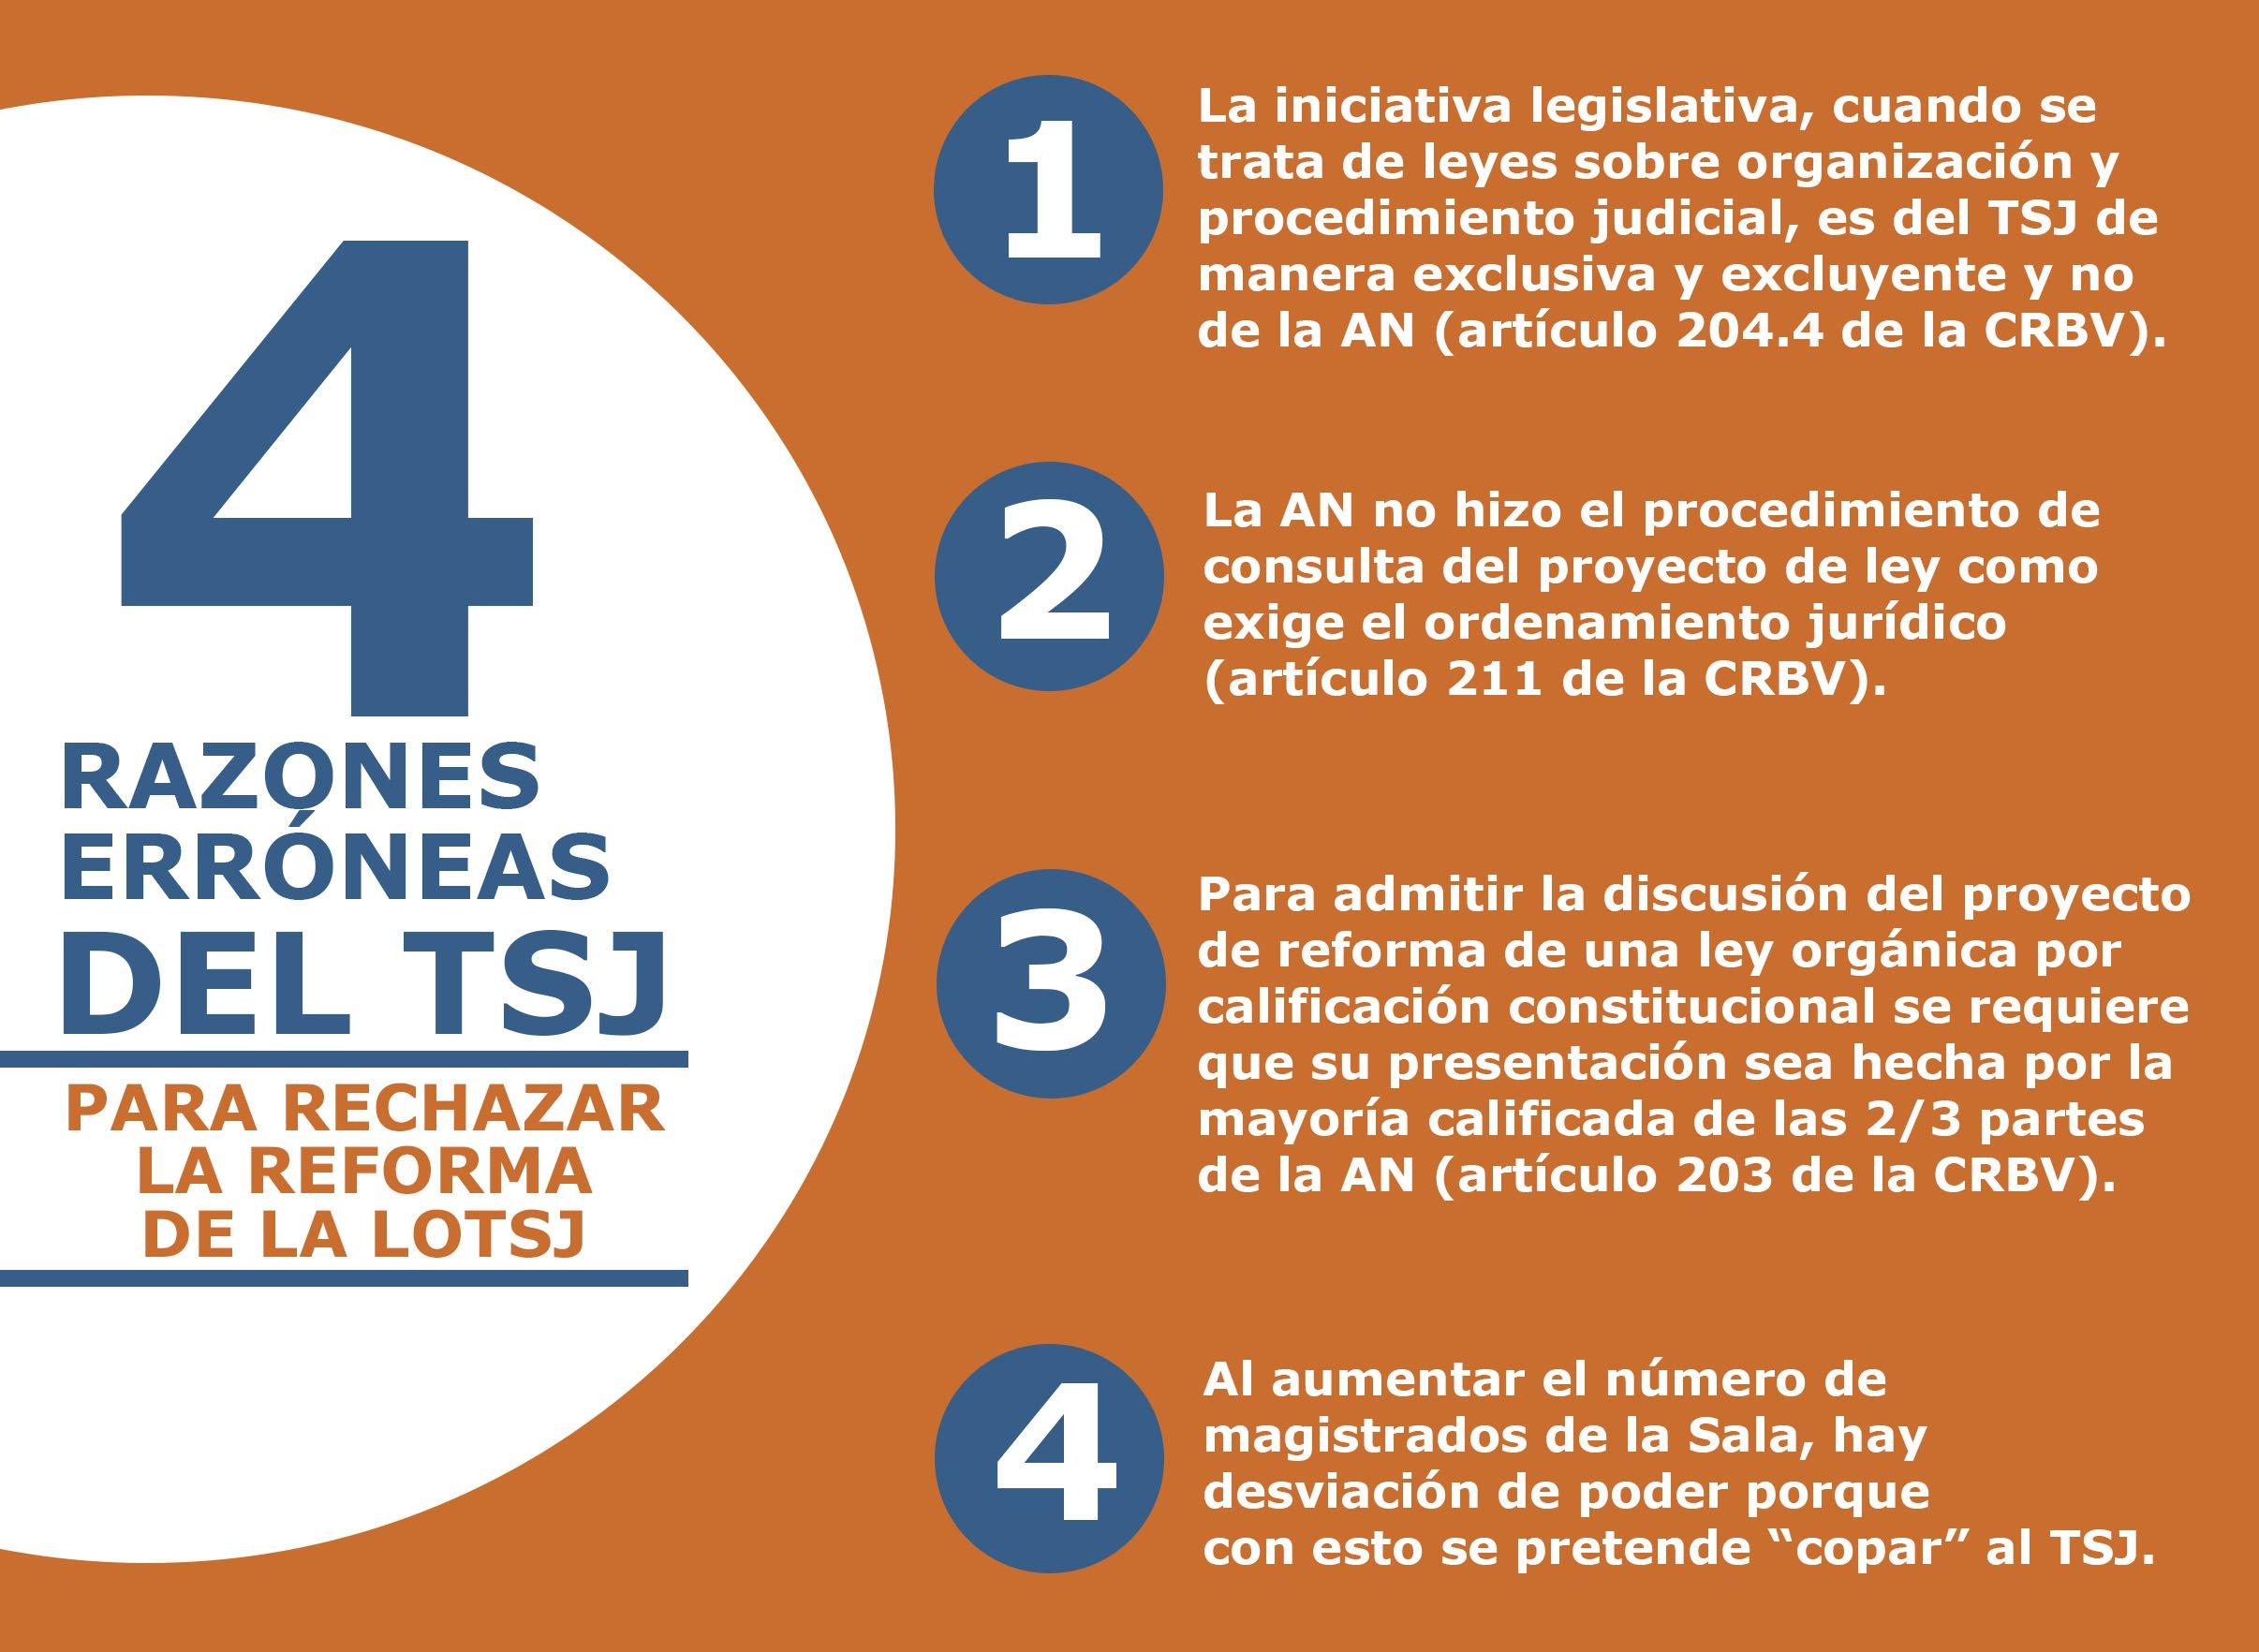 4 razones erróneas del TSJ para rechazar la reforma de la LOTSJ